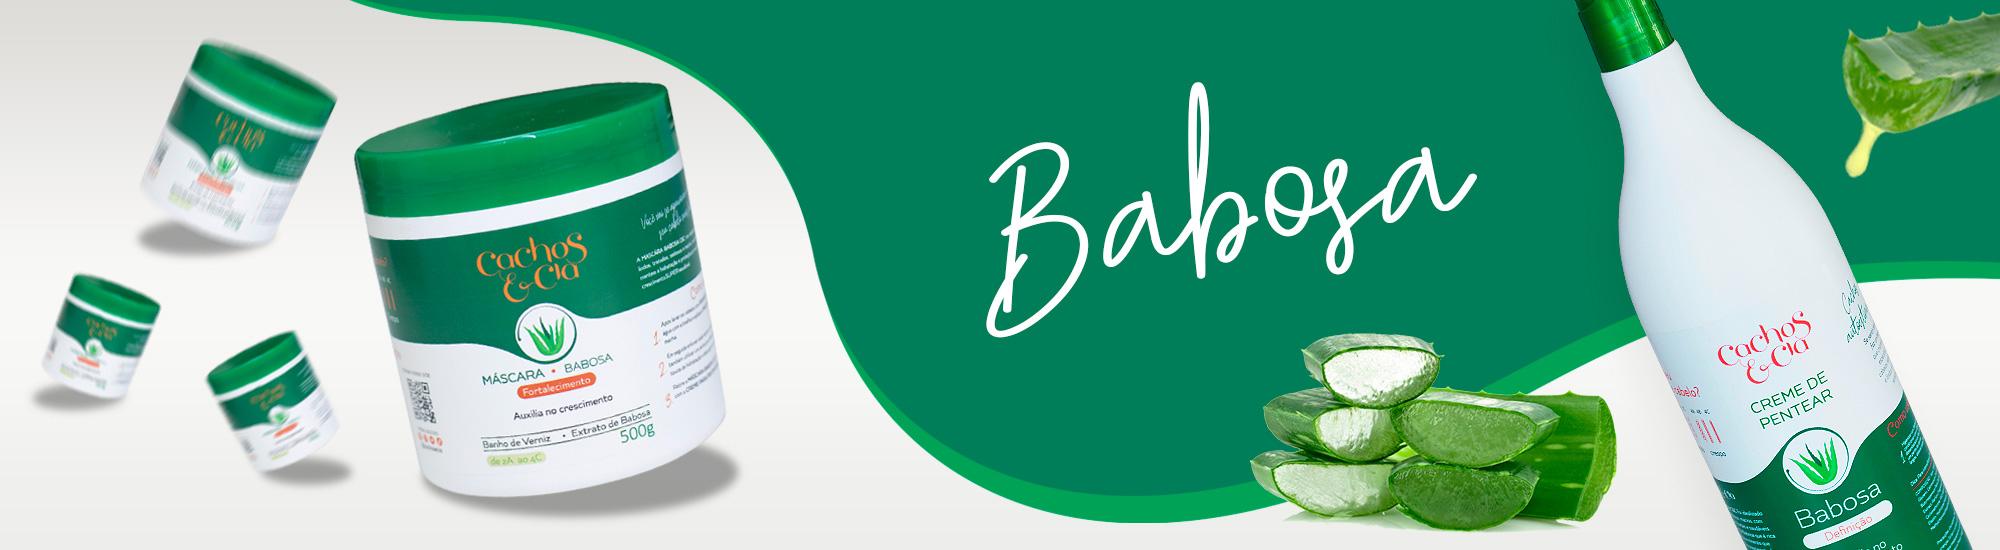 Banner Lancamento Babosa